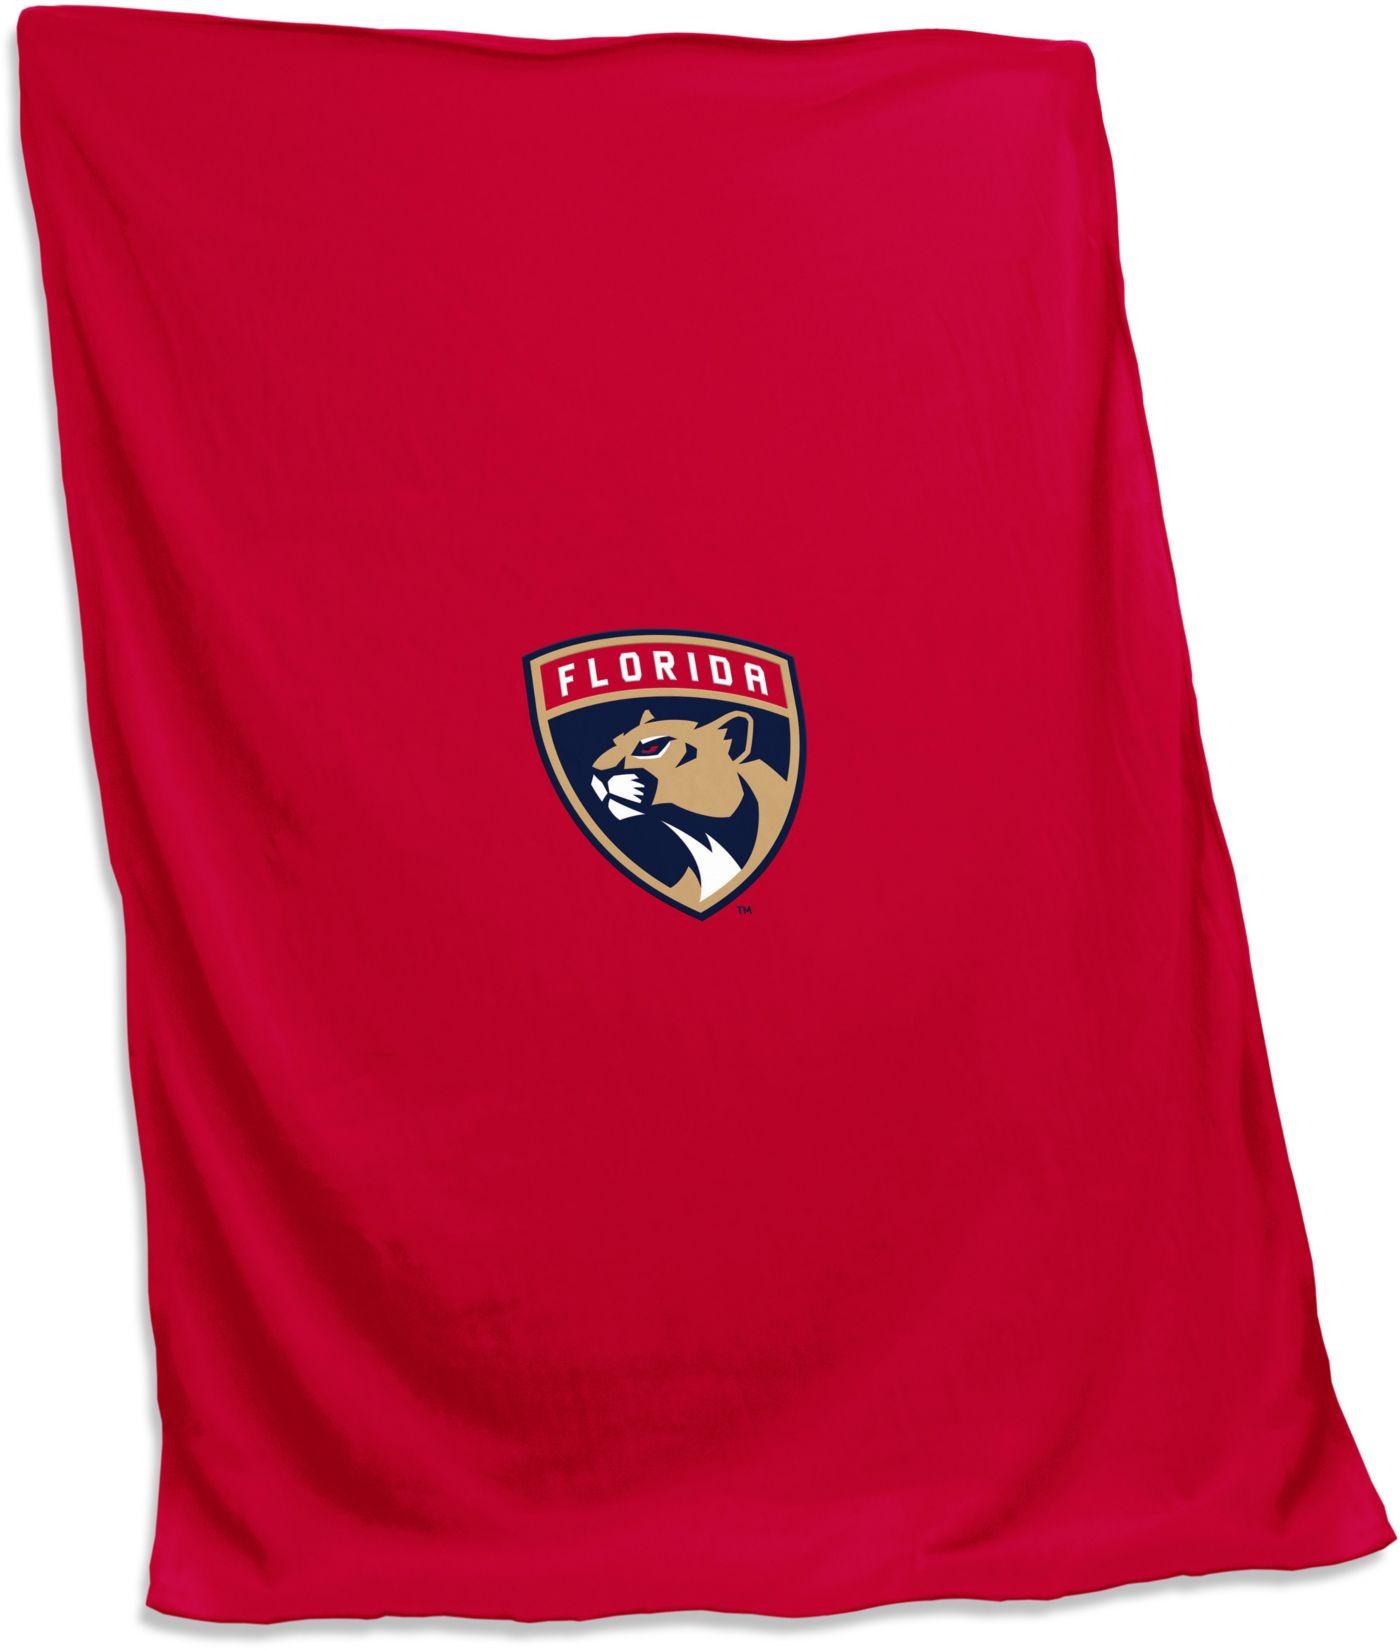 Florida Panthers Sweatshirt Blanket